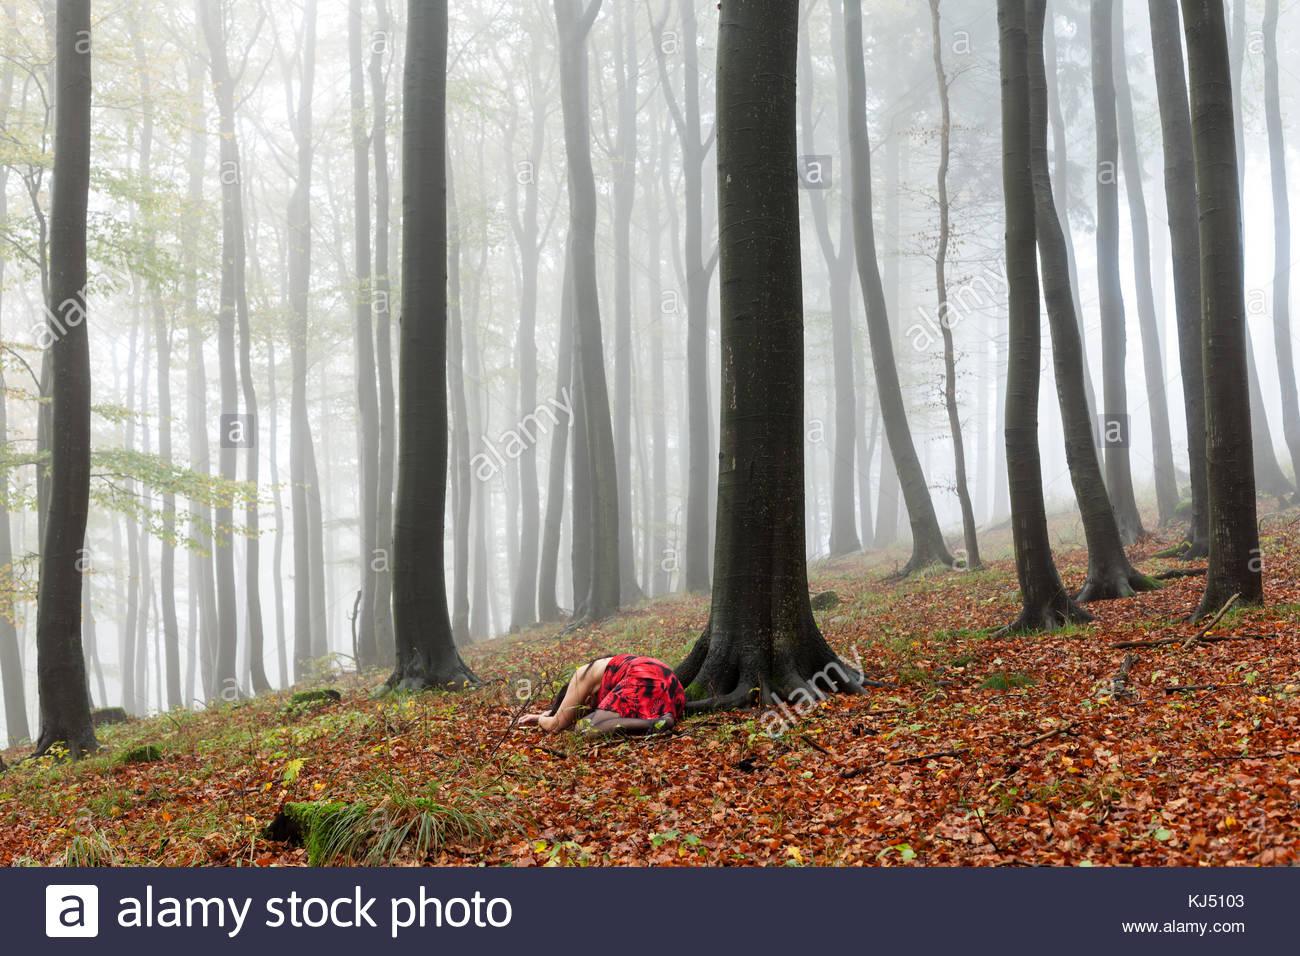 Forêt d'automne brumeux avec femme couchée comme morte Photo Stock